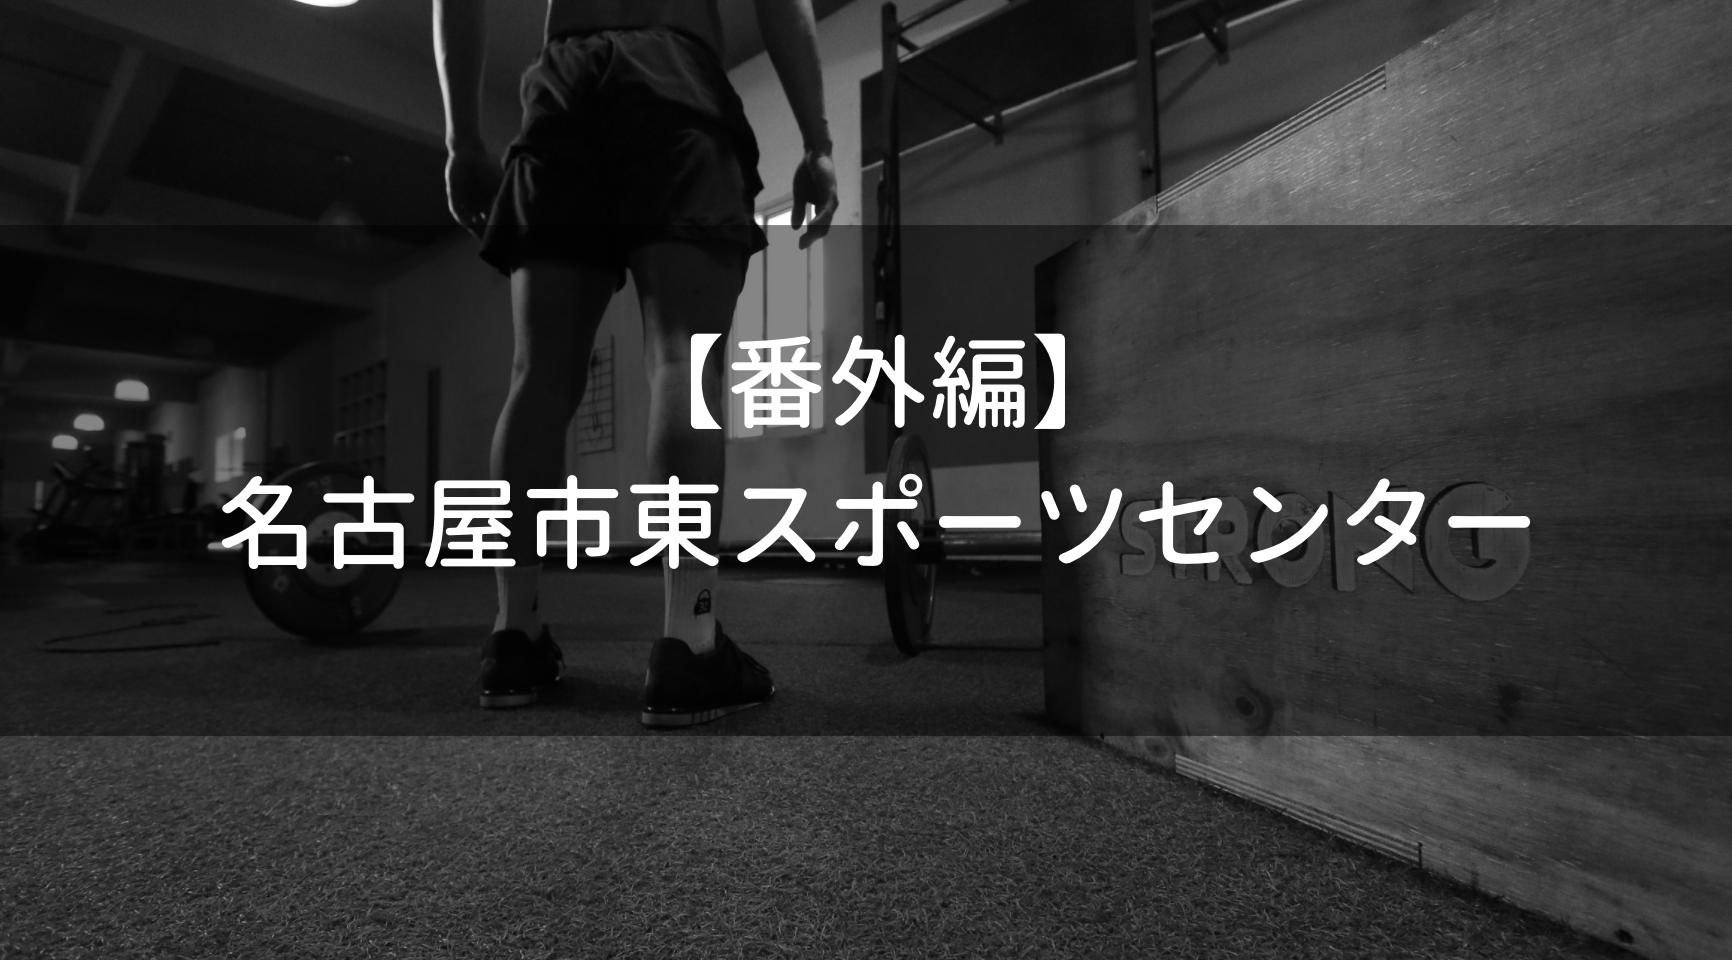 名古屋_ジム_おすすめ_番外編_公営ジム